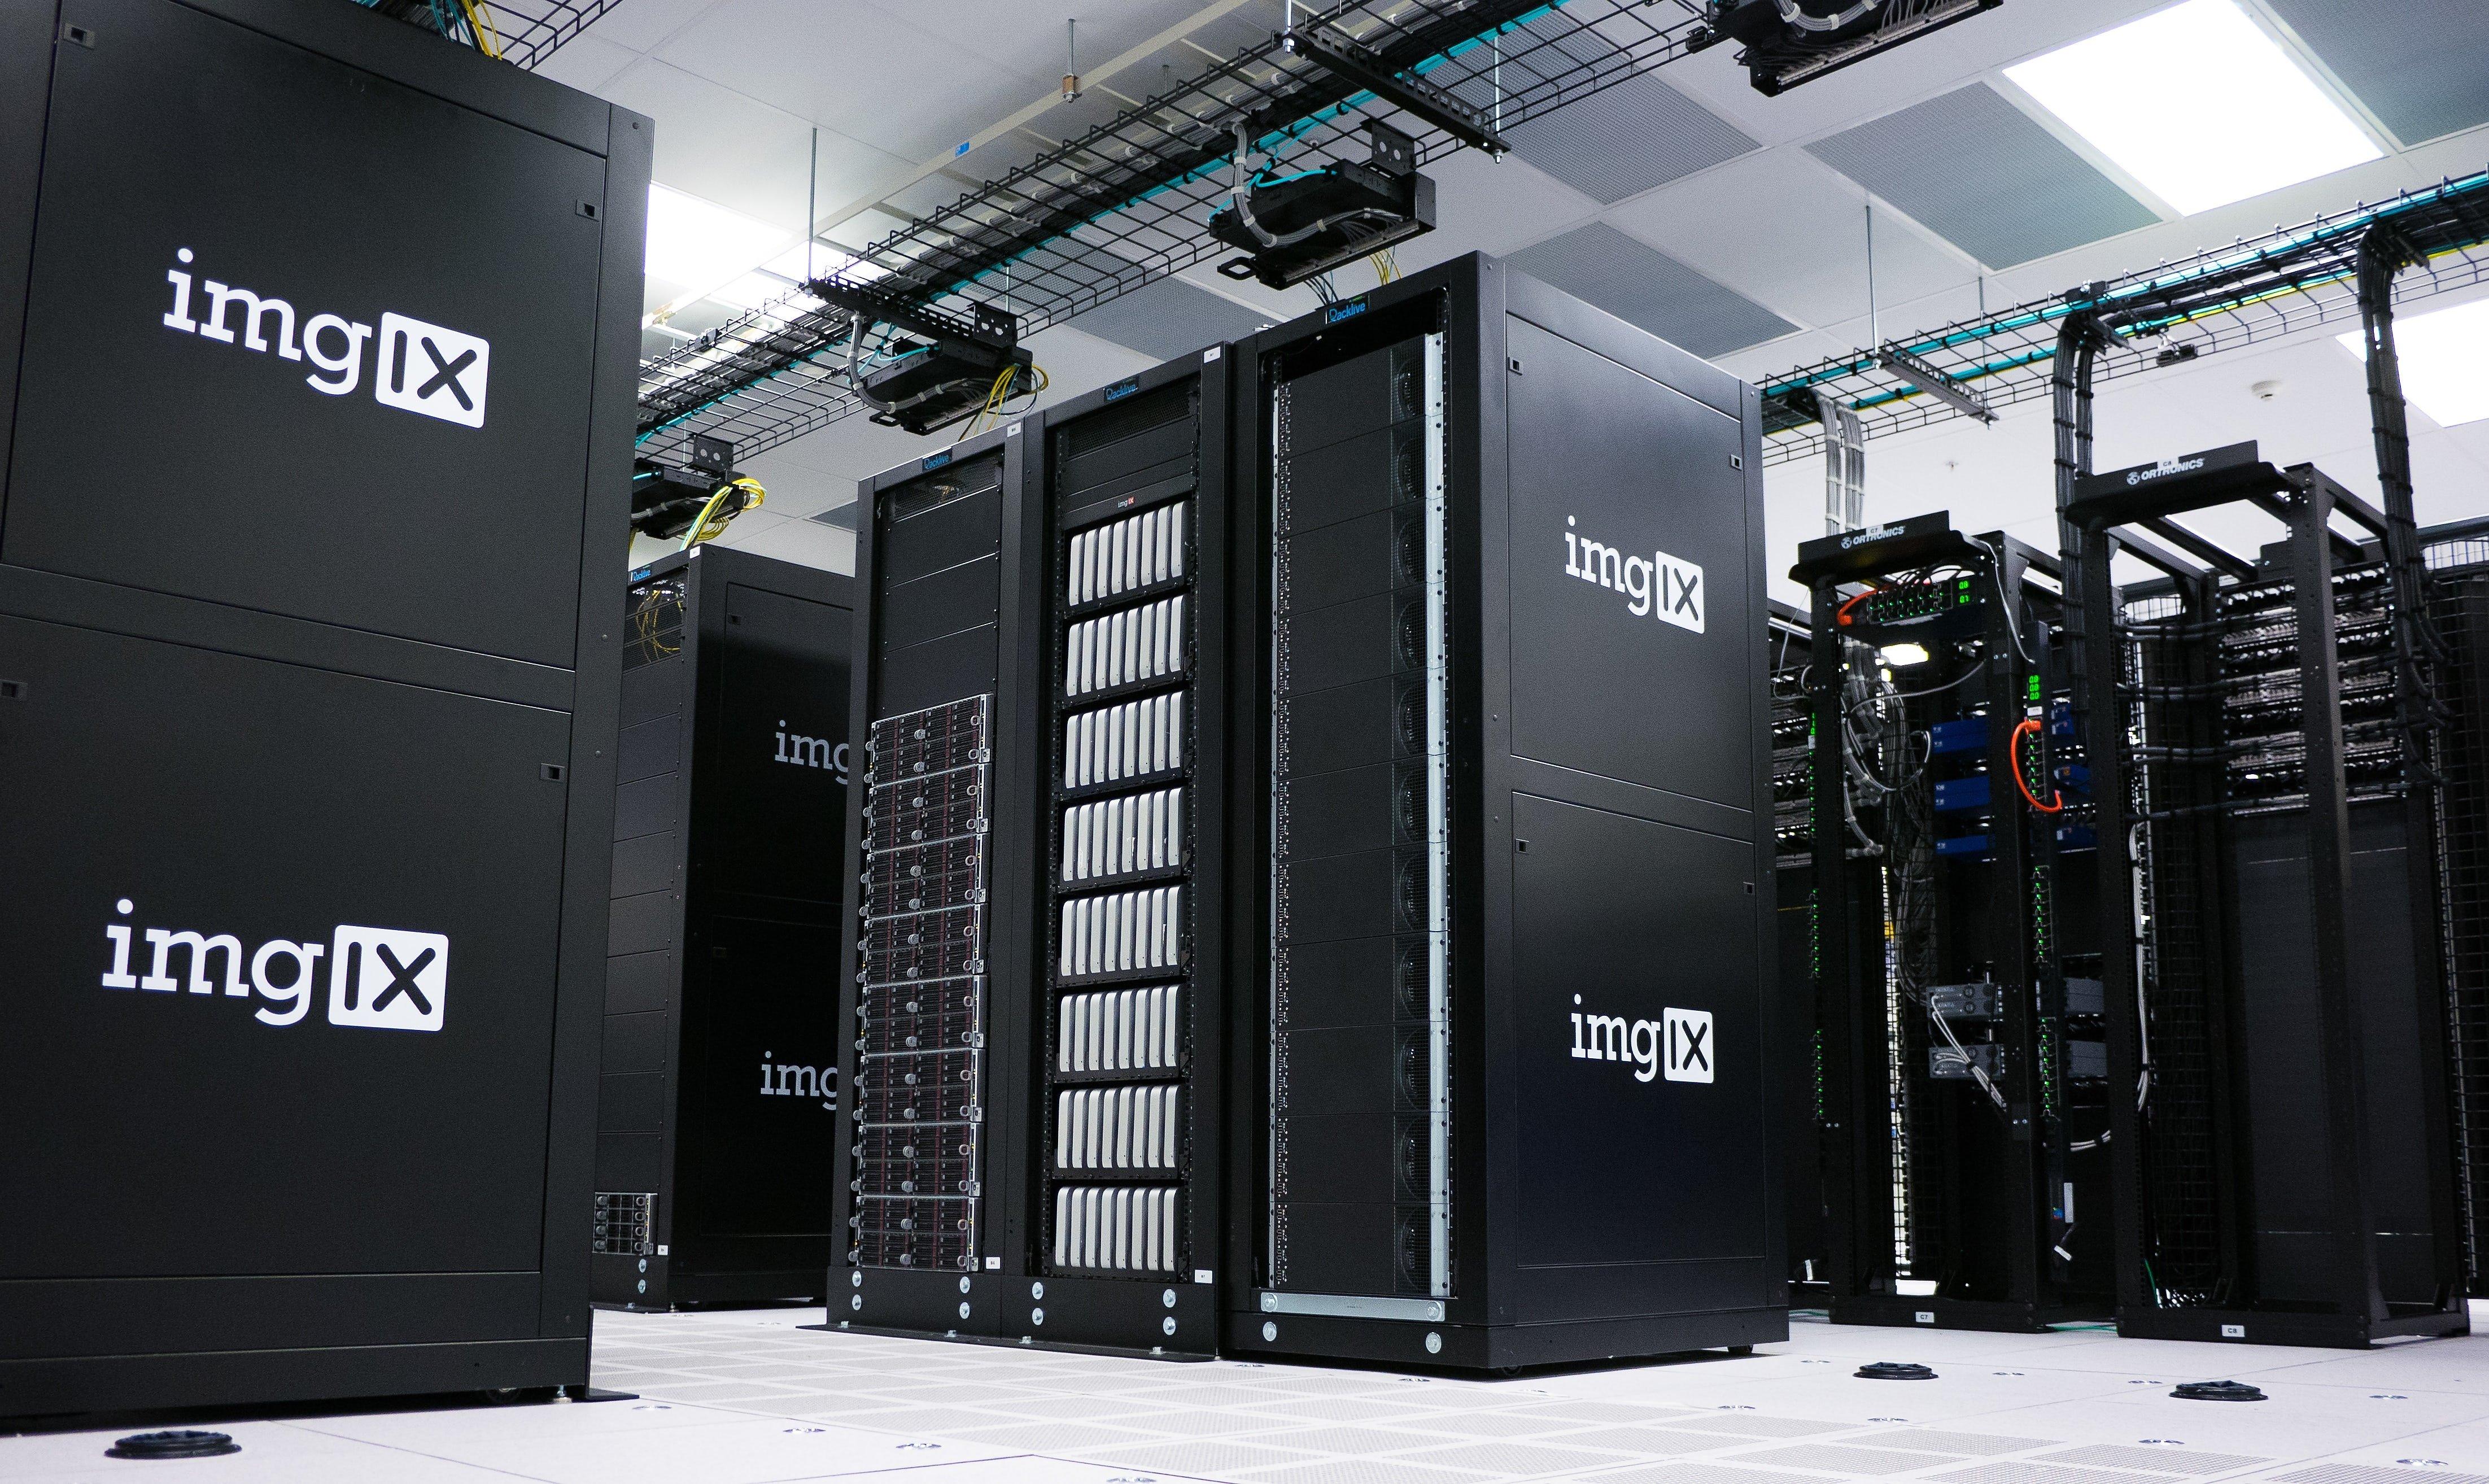 imgix data center